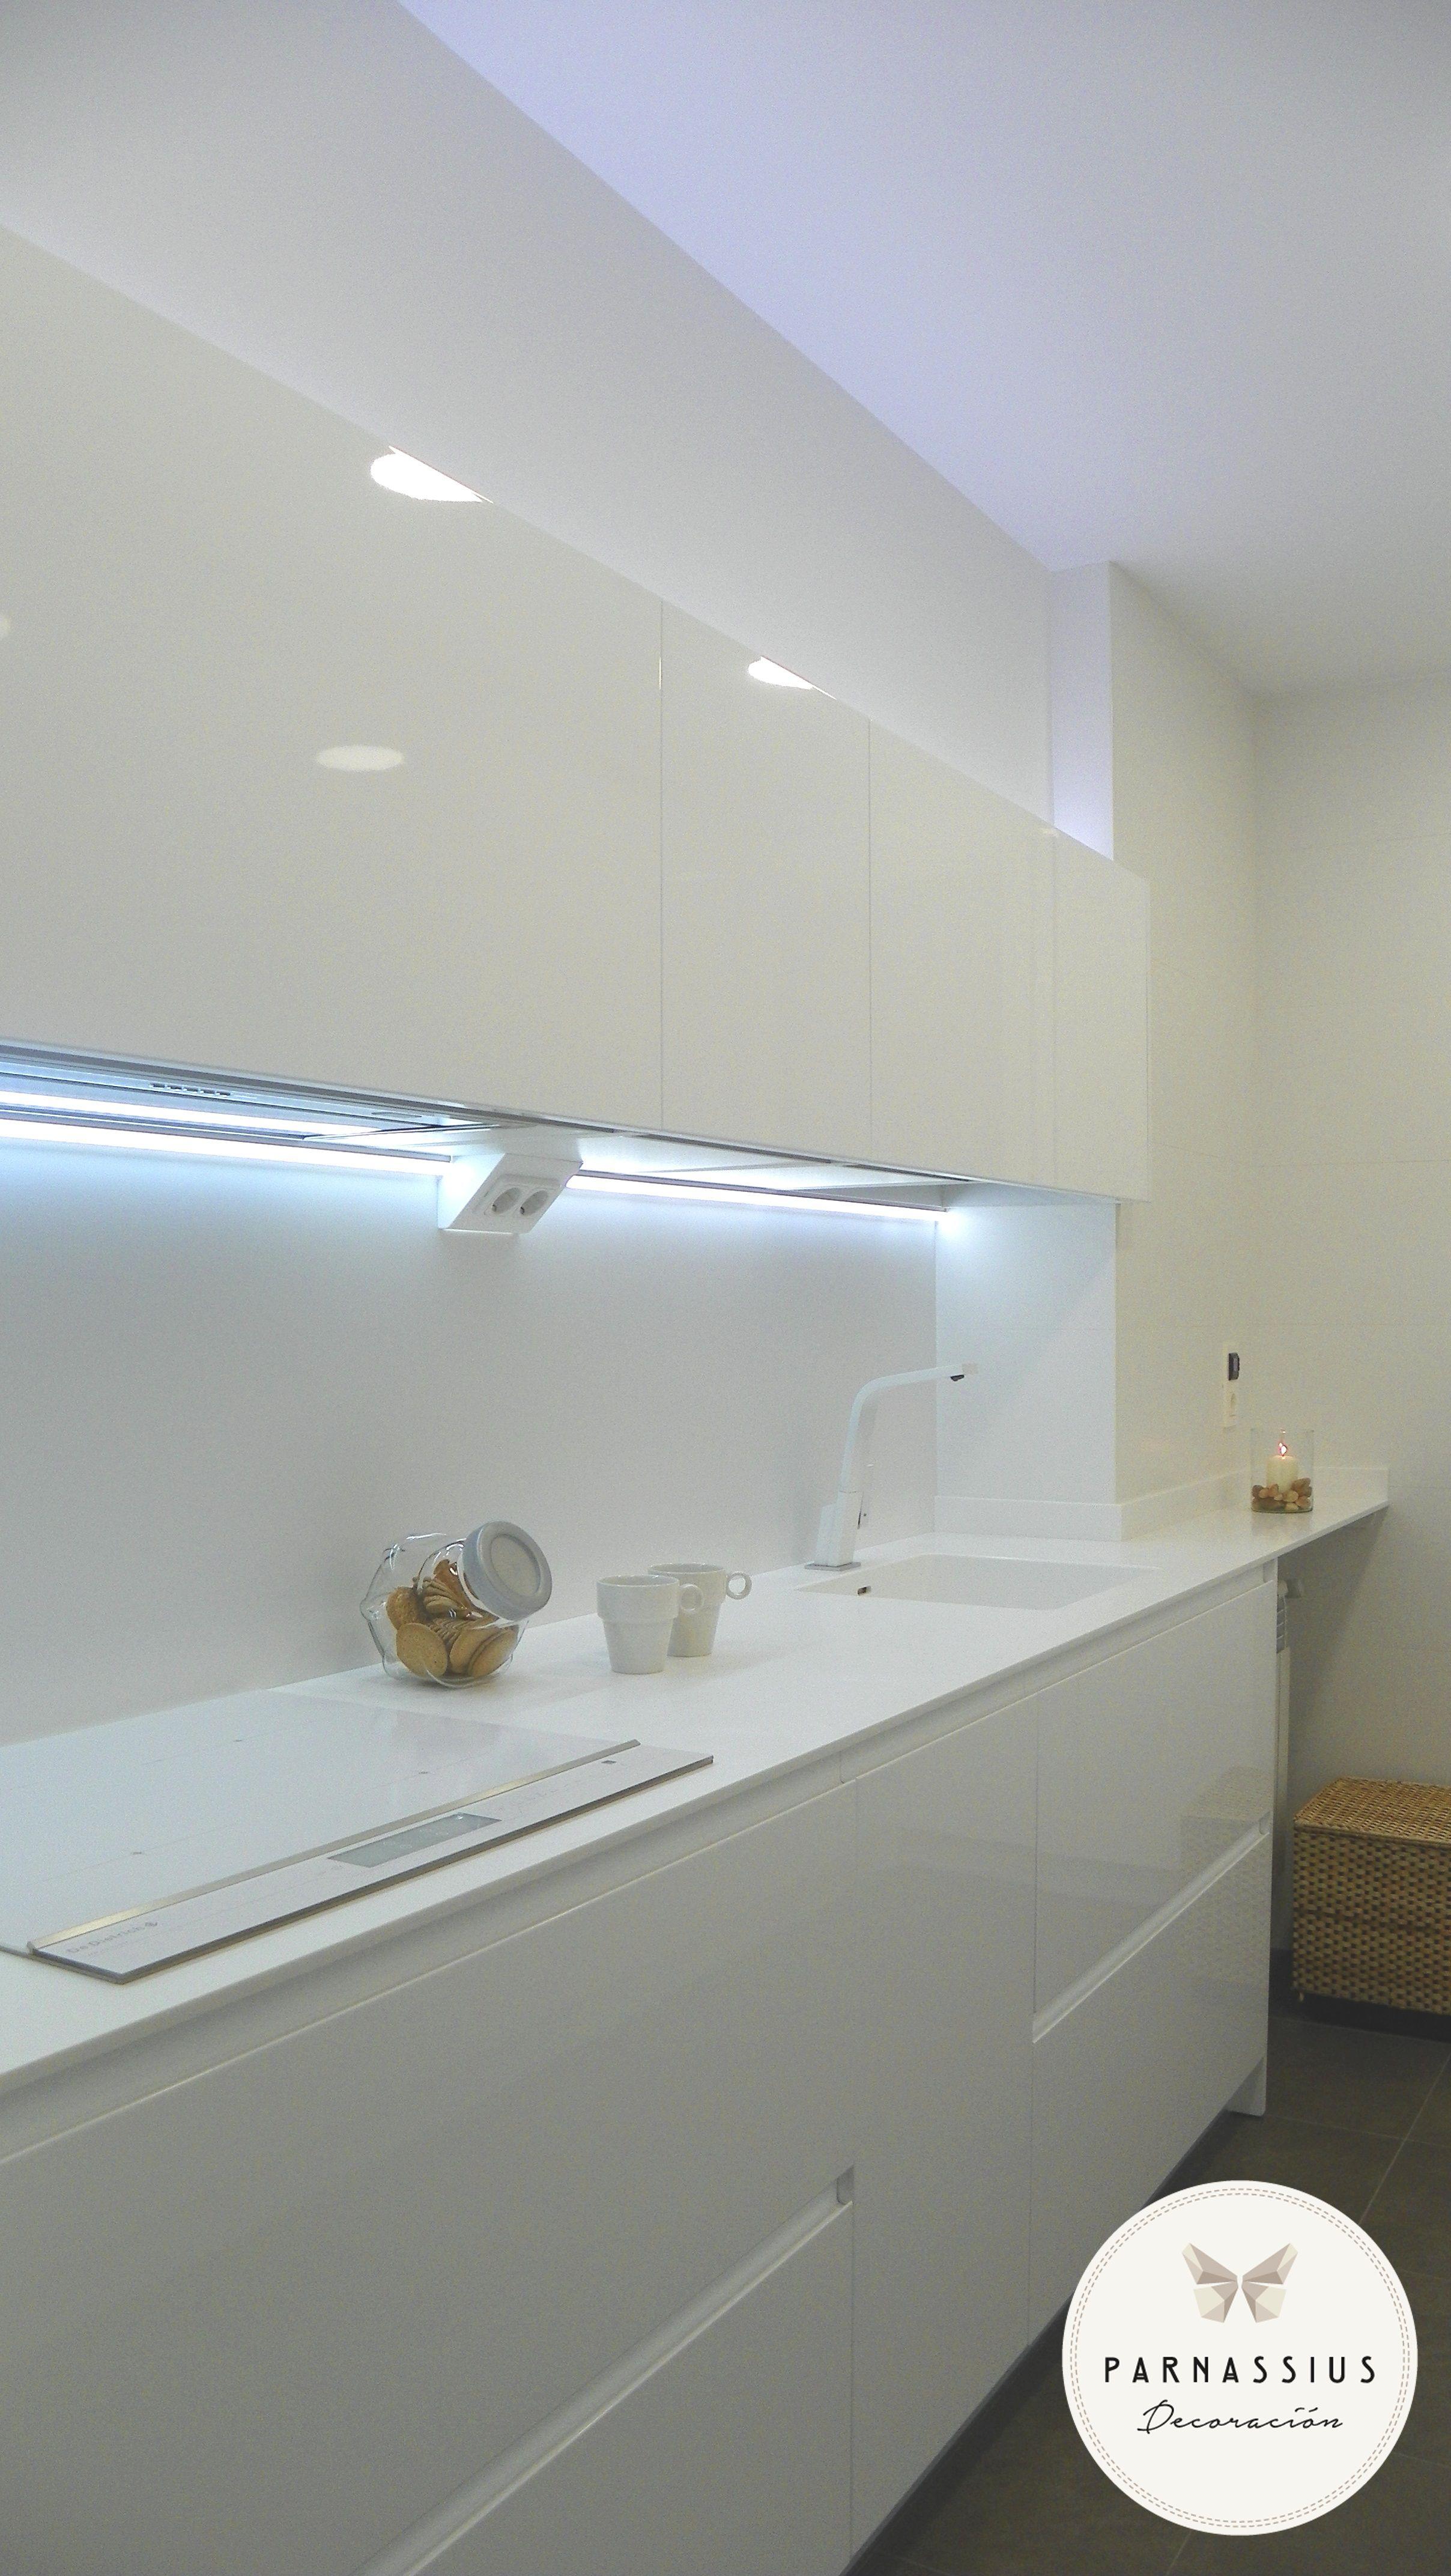 Cocina zona encimera todo oculto lavadora caldera for Encimera blanco cristal